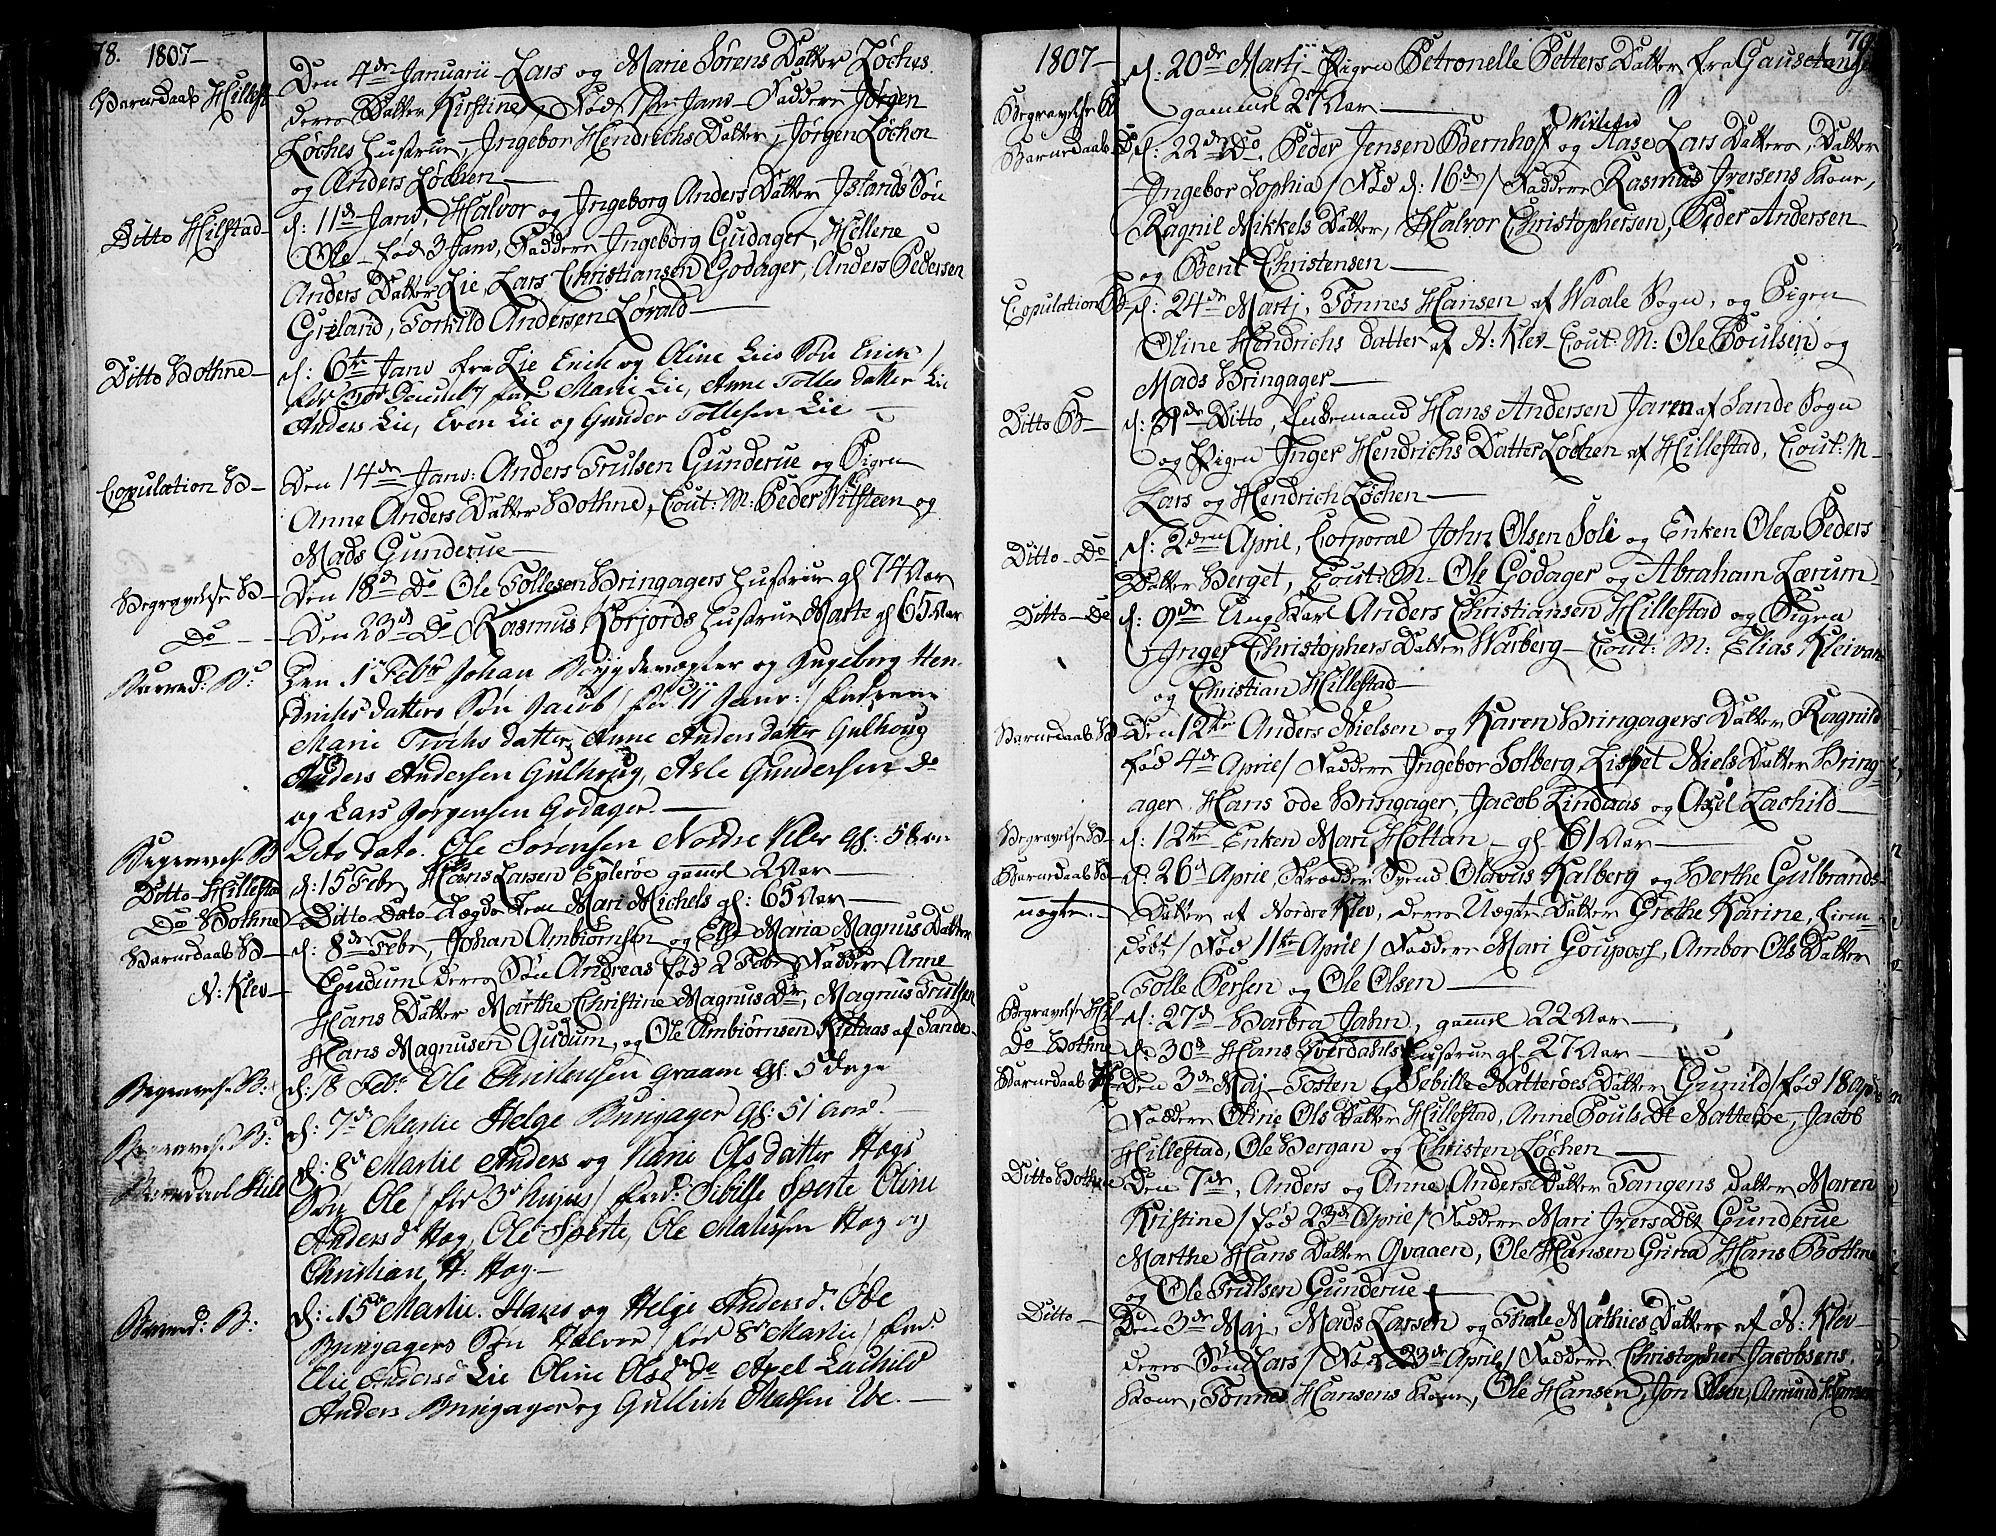 SAKO, Botne kirkebøker, F/Fa/L0003: Ministerialbok nr. I 3 /1, 1792-1844, s. 78-79